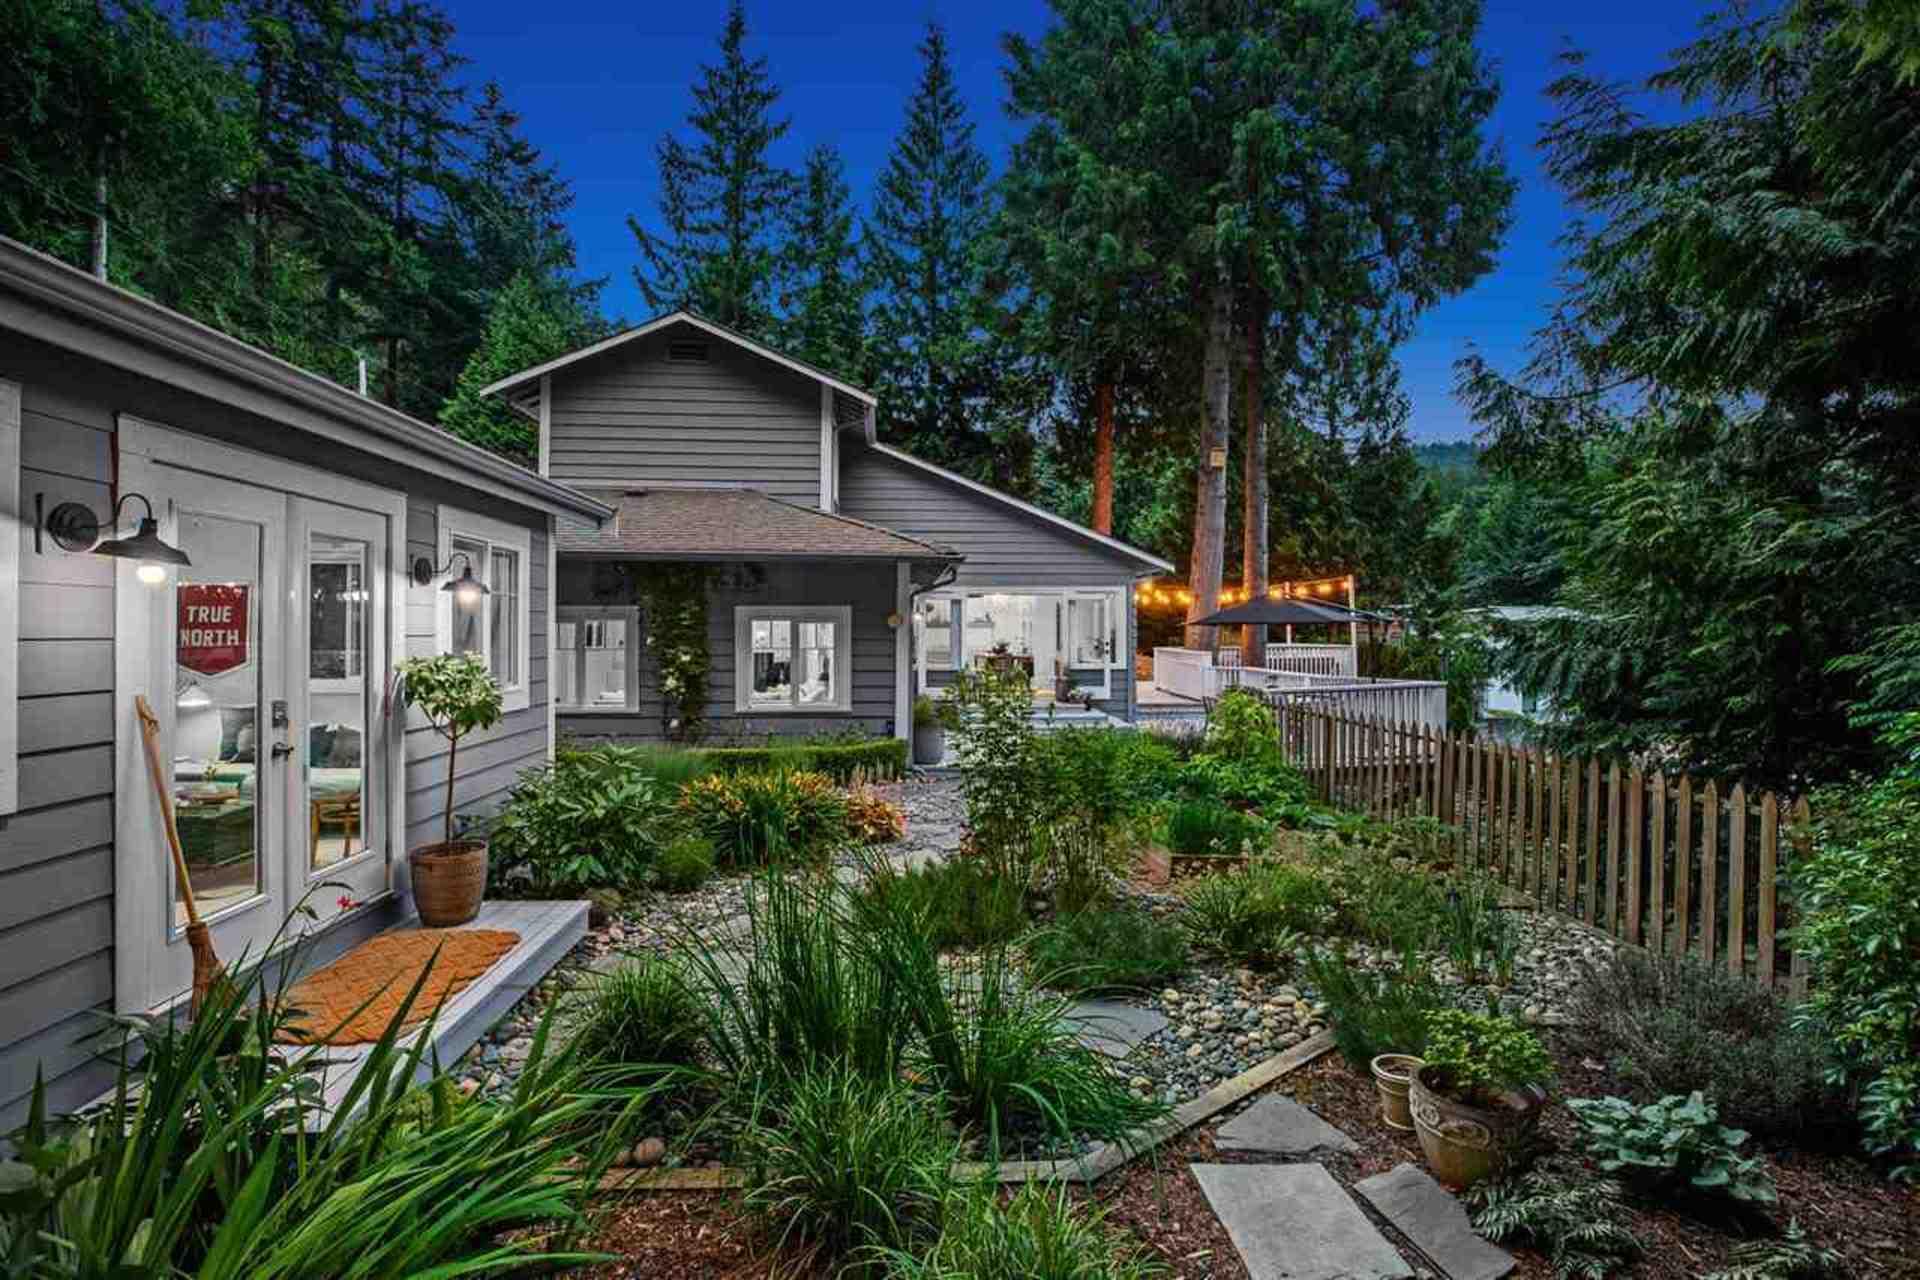 5775-cranley-drive-eagle-harbour-west-vancouver-07 at 5775 Cranley Drive, Eagle Harbour, West Vancouver